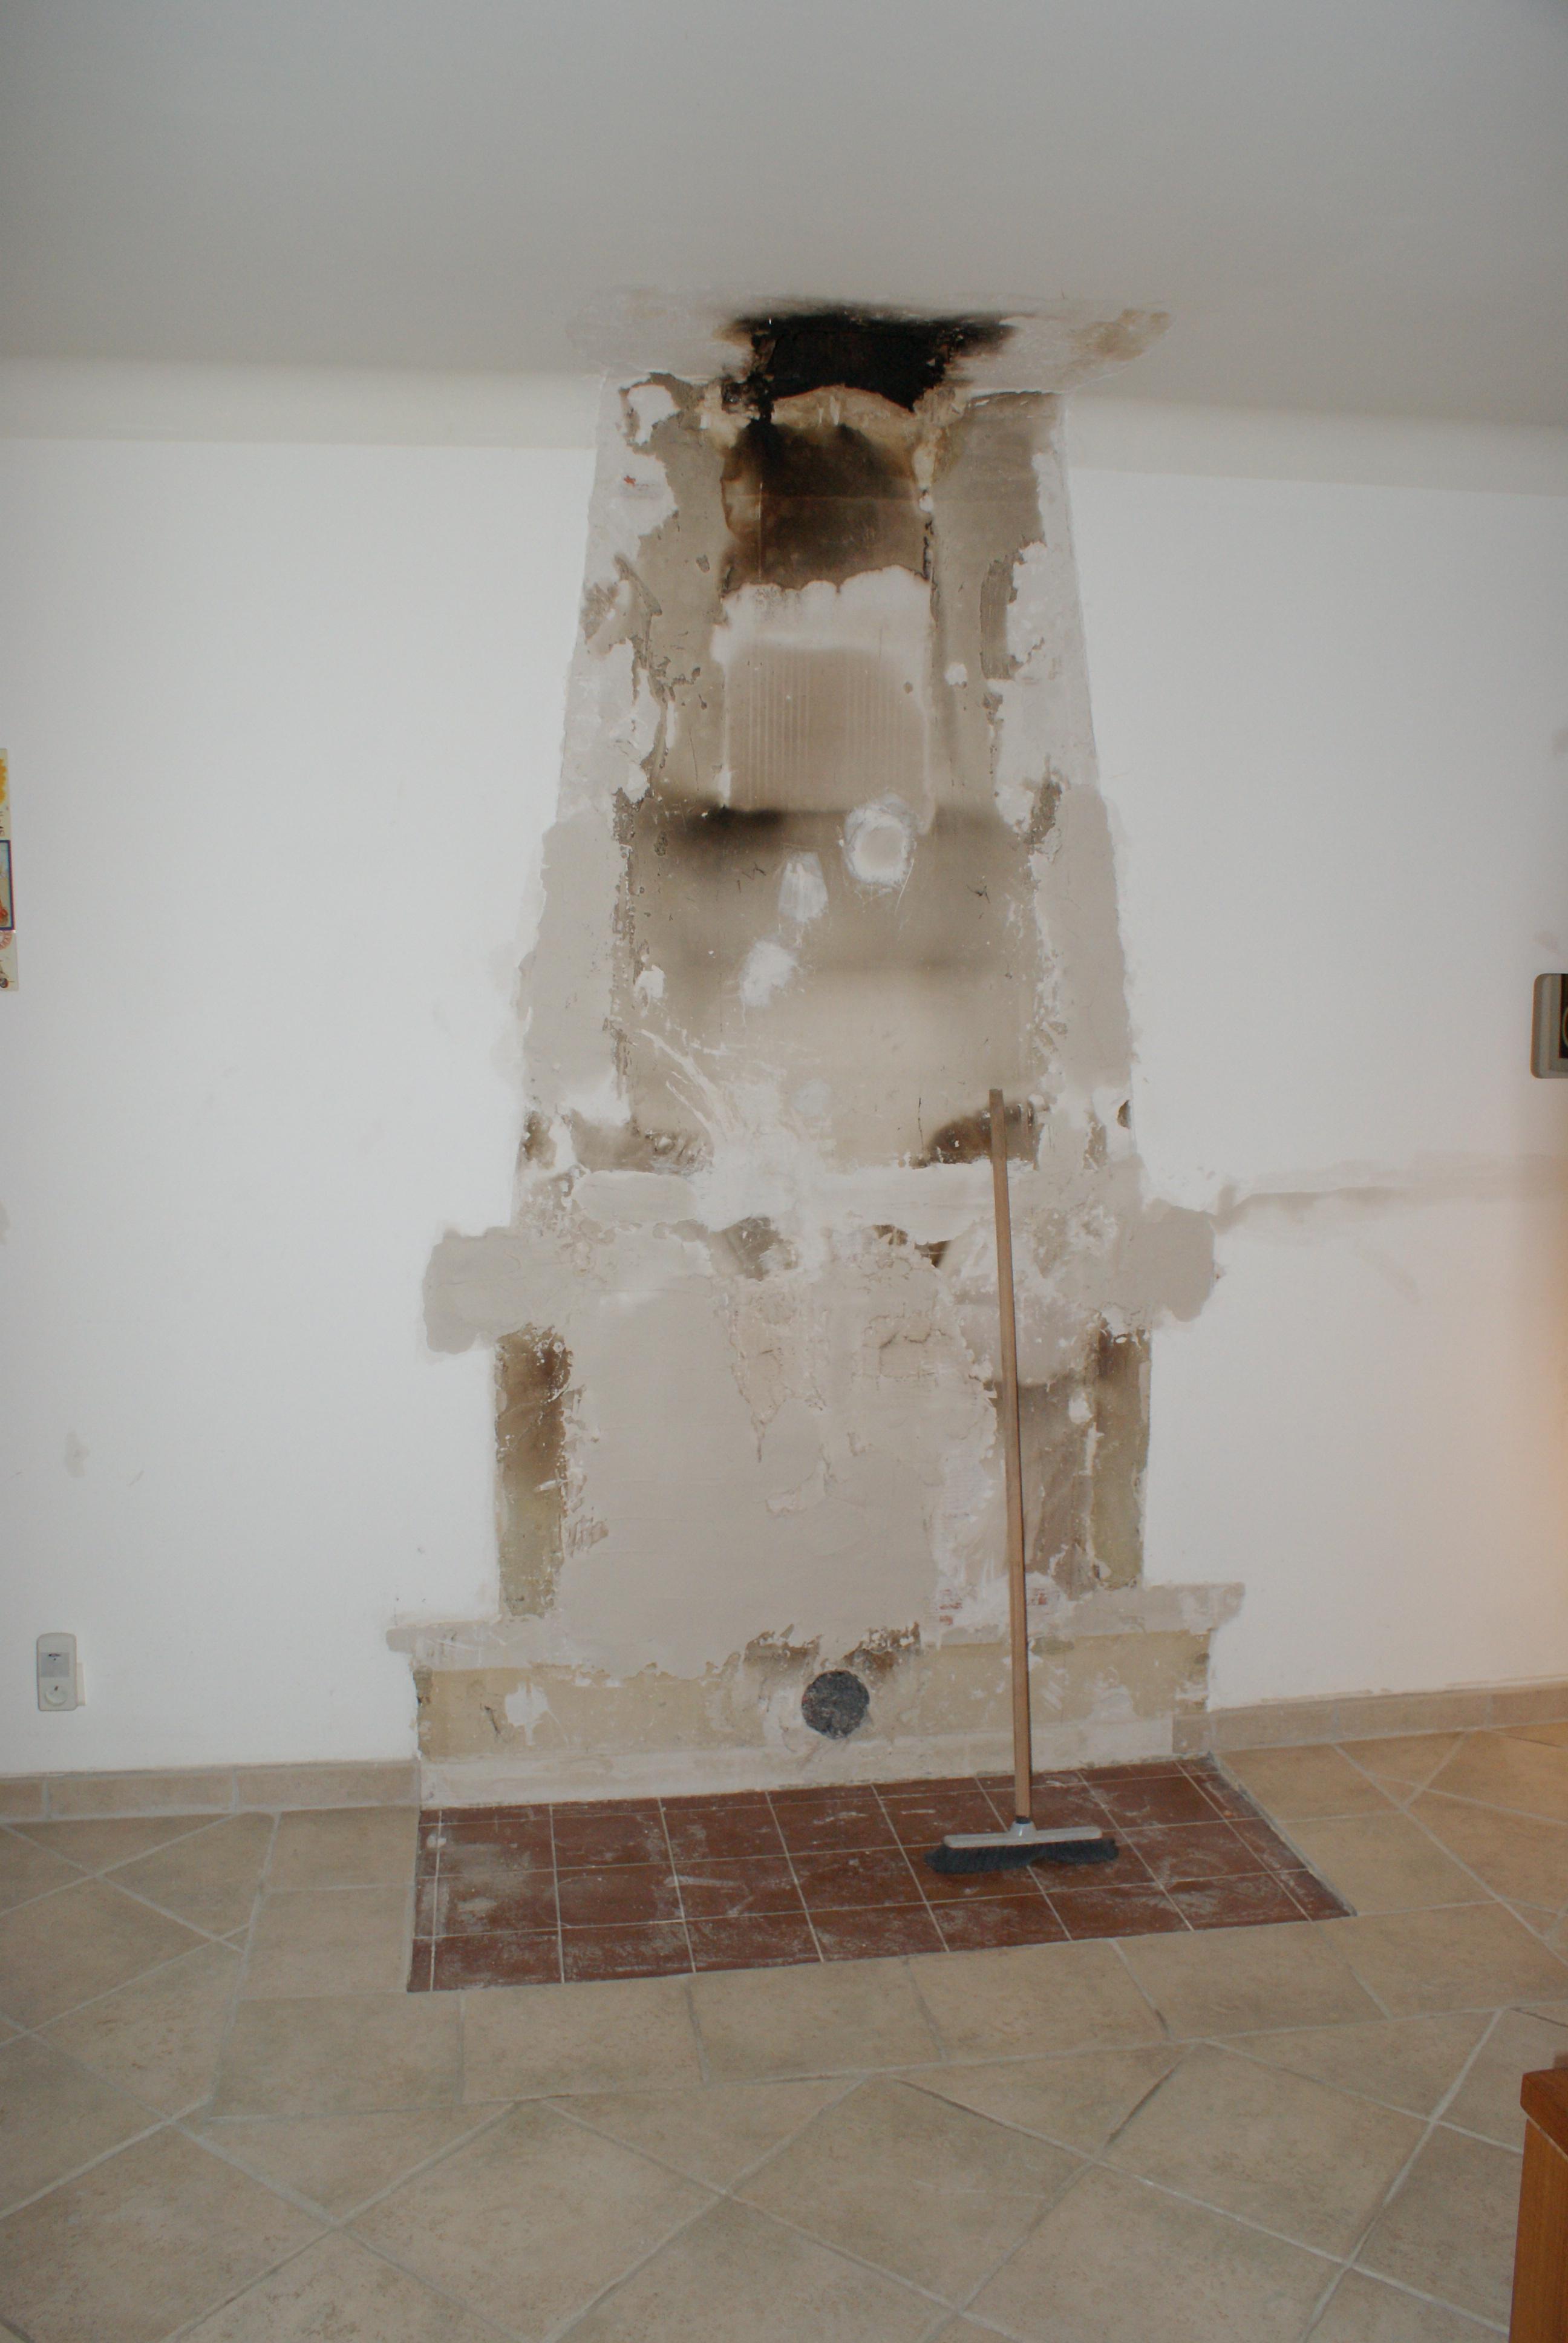 Démolition de l'ancienne cheminée